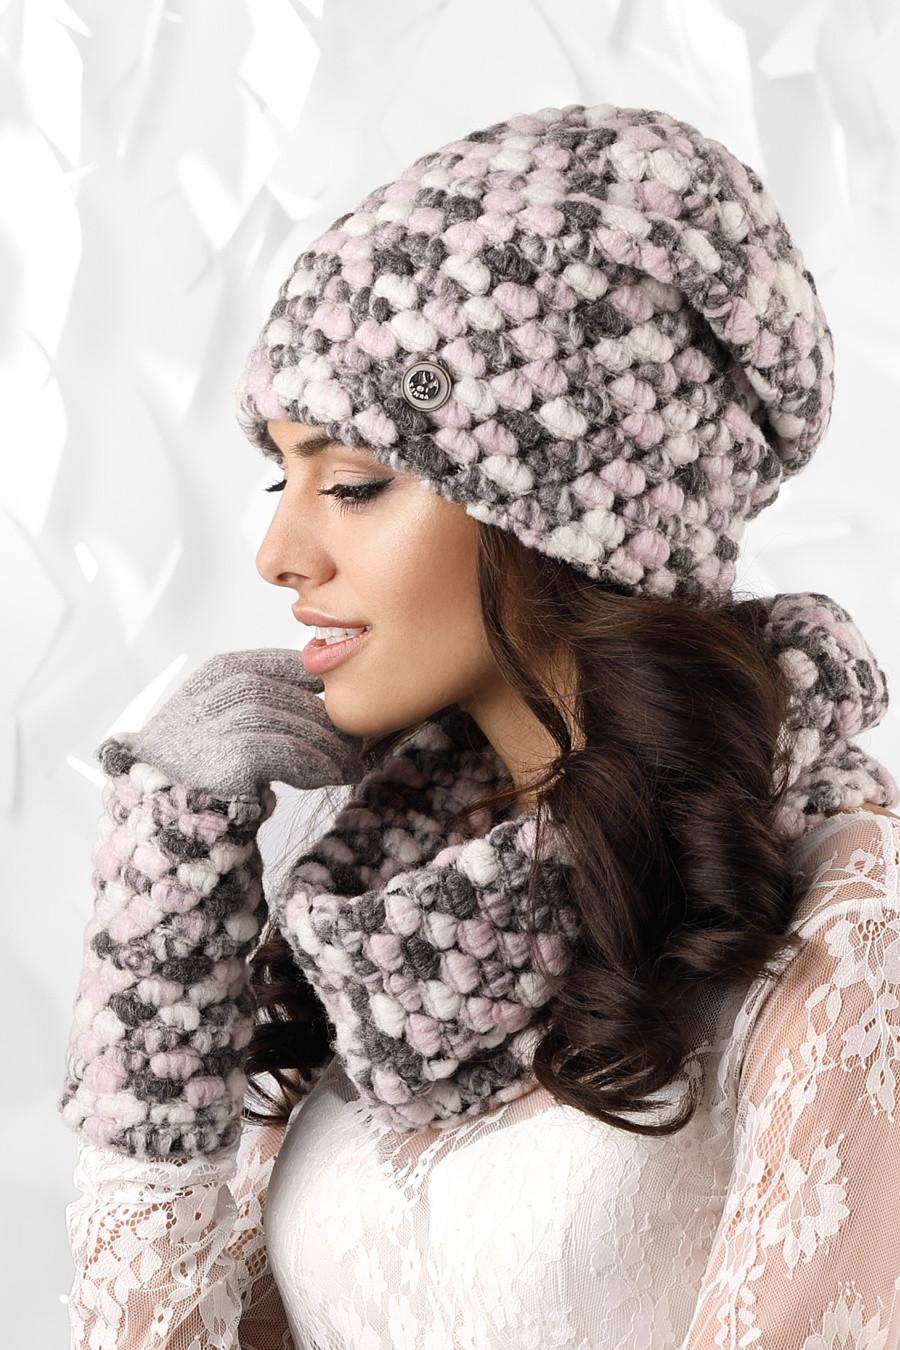 fde0fcb3738 Dámský komplet MERANO - čepice + šála + rukavice růžová - Kamea růžová uni